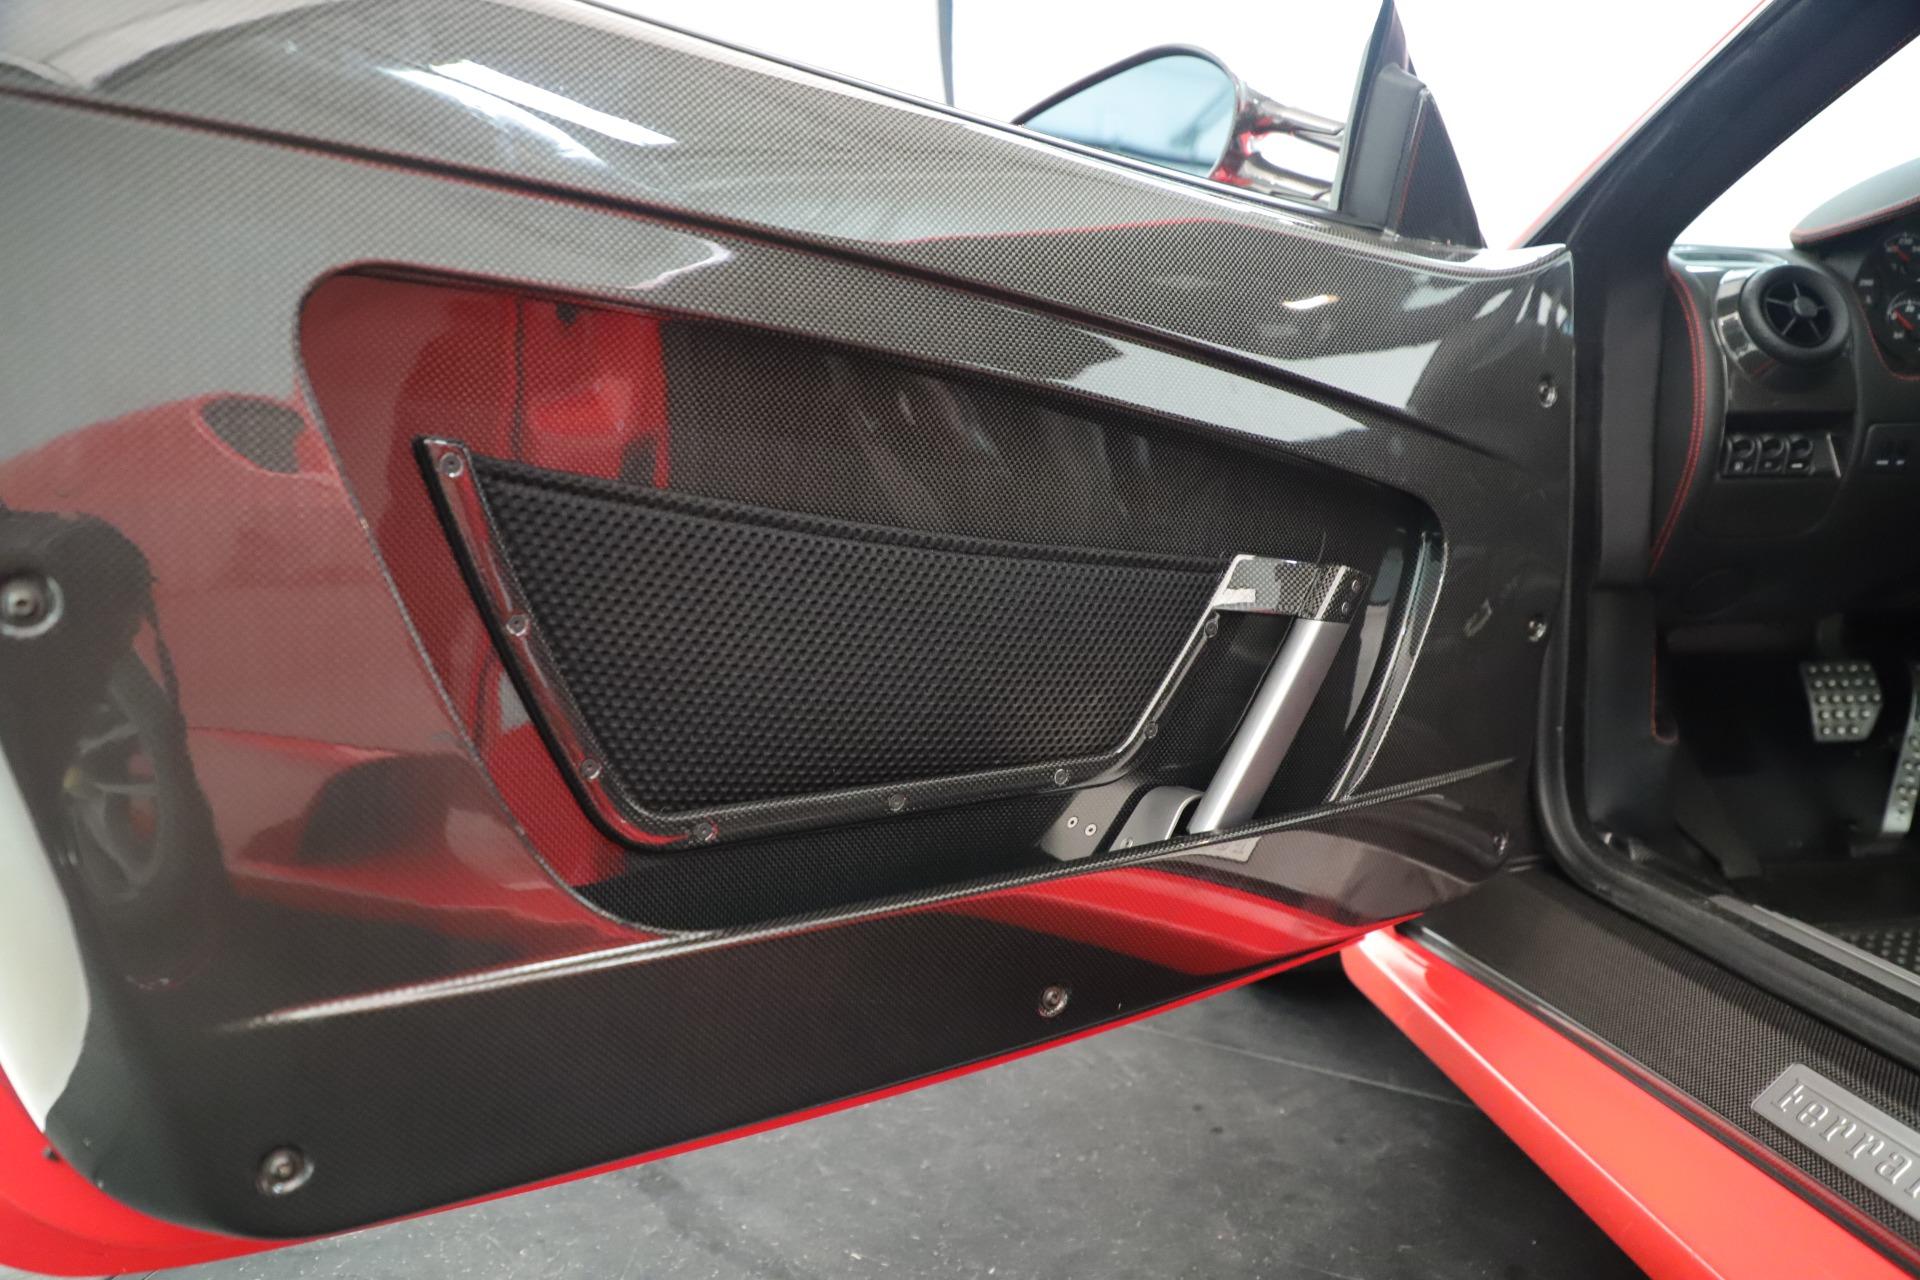 Used 2008 Ferrari F430 Scuderia For Sale In Greenwich, CT 3381_p20